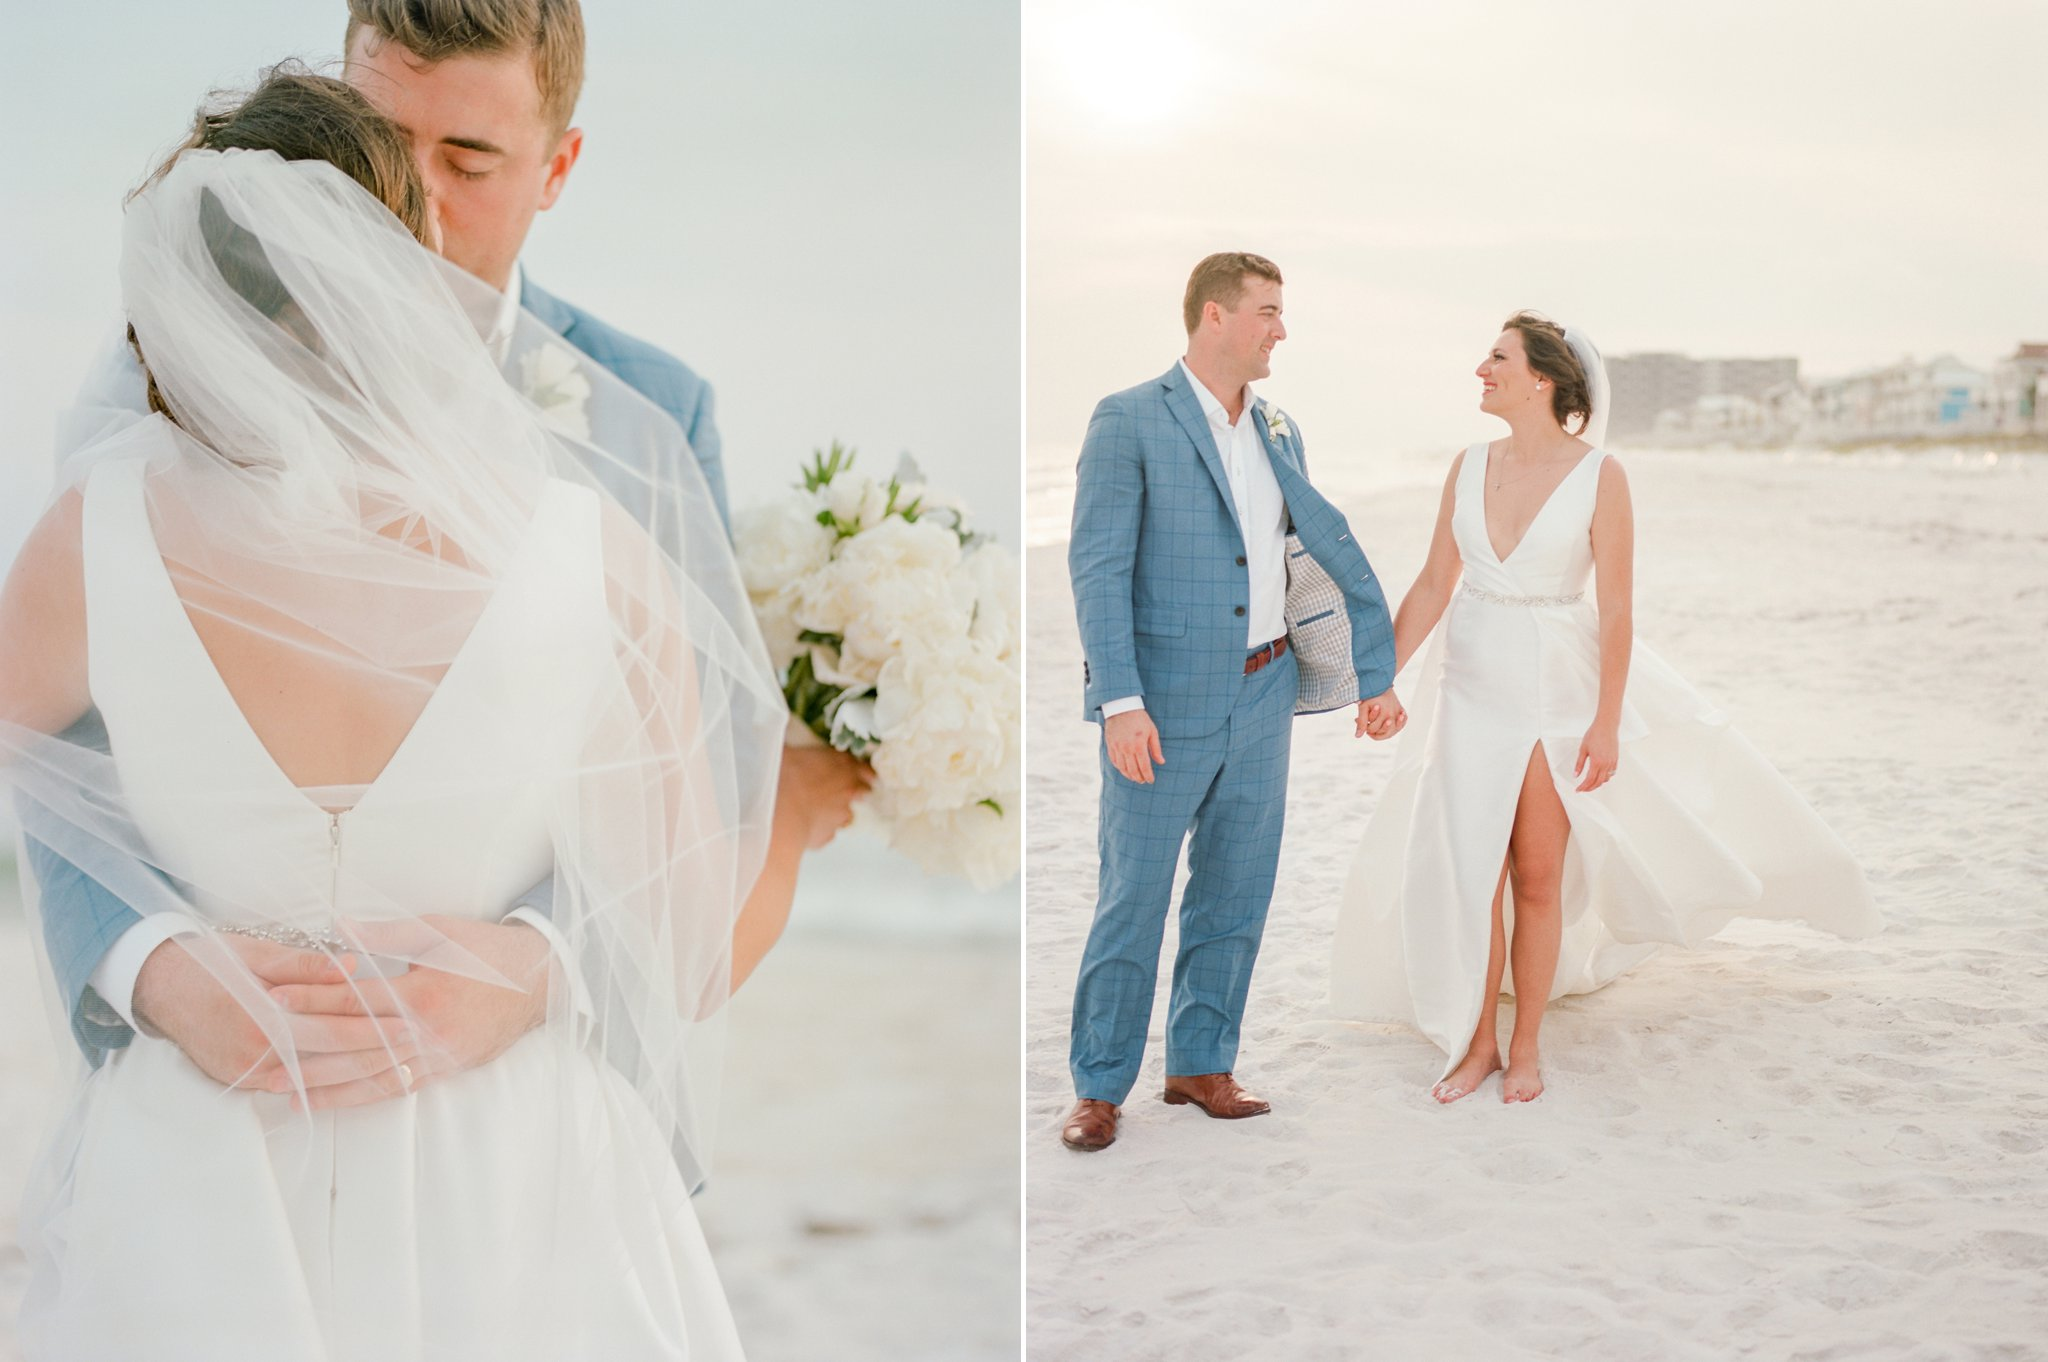 carillon beach wedding photographer shannon griffin photographer_0073.jpg